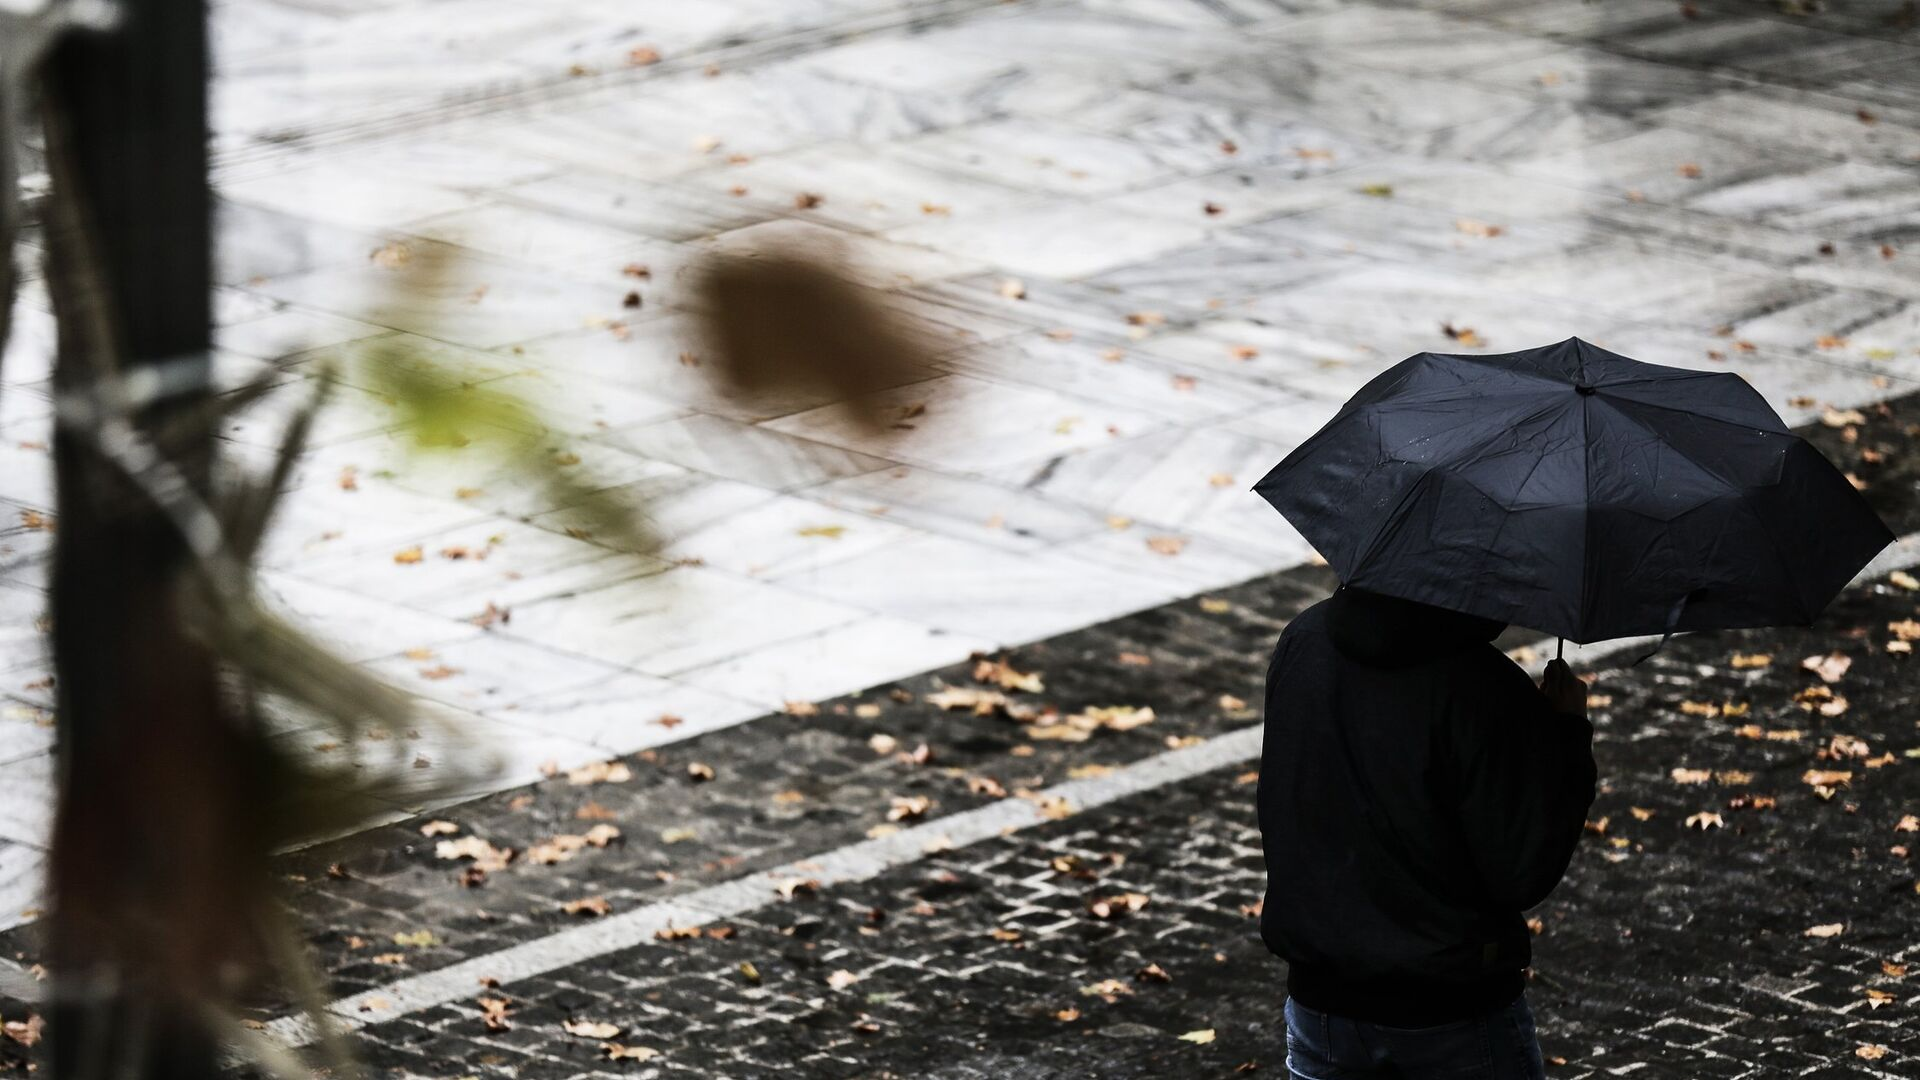 Βροχερός καιρός.  - Sputnik Ελλάδα, 1920, 10.10.2021